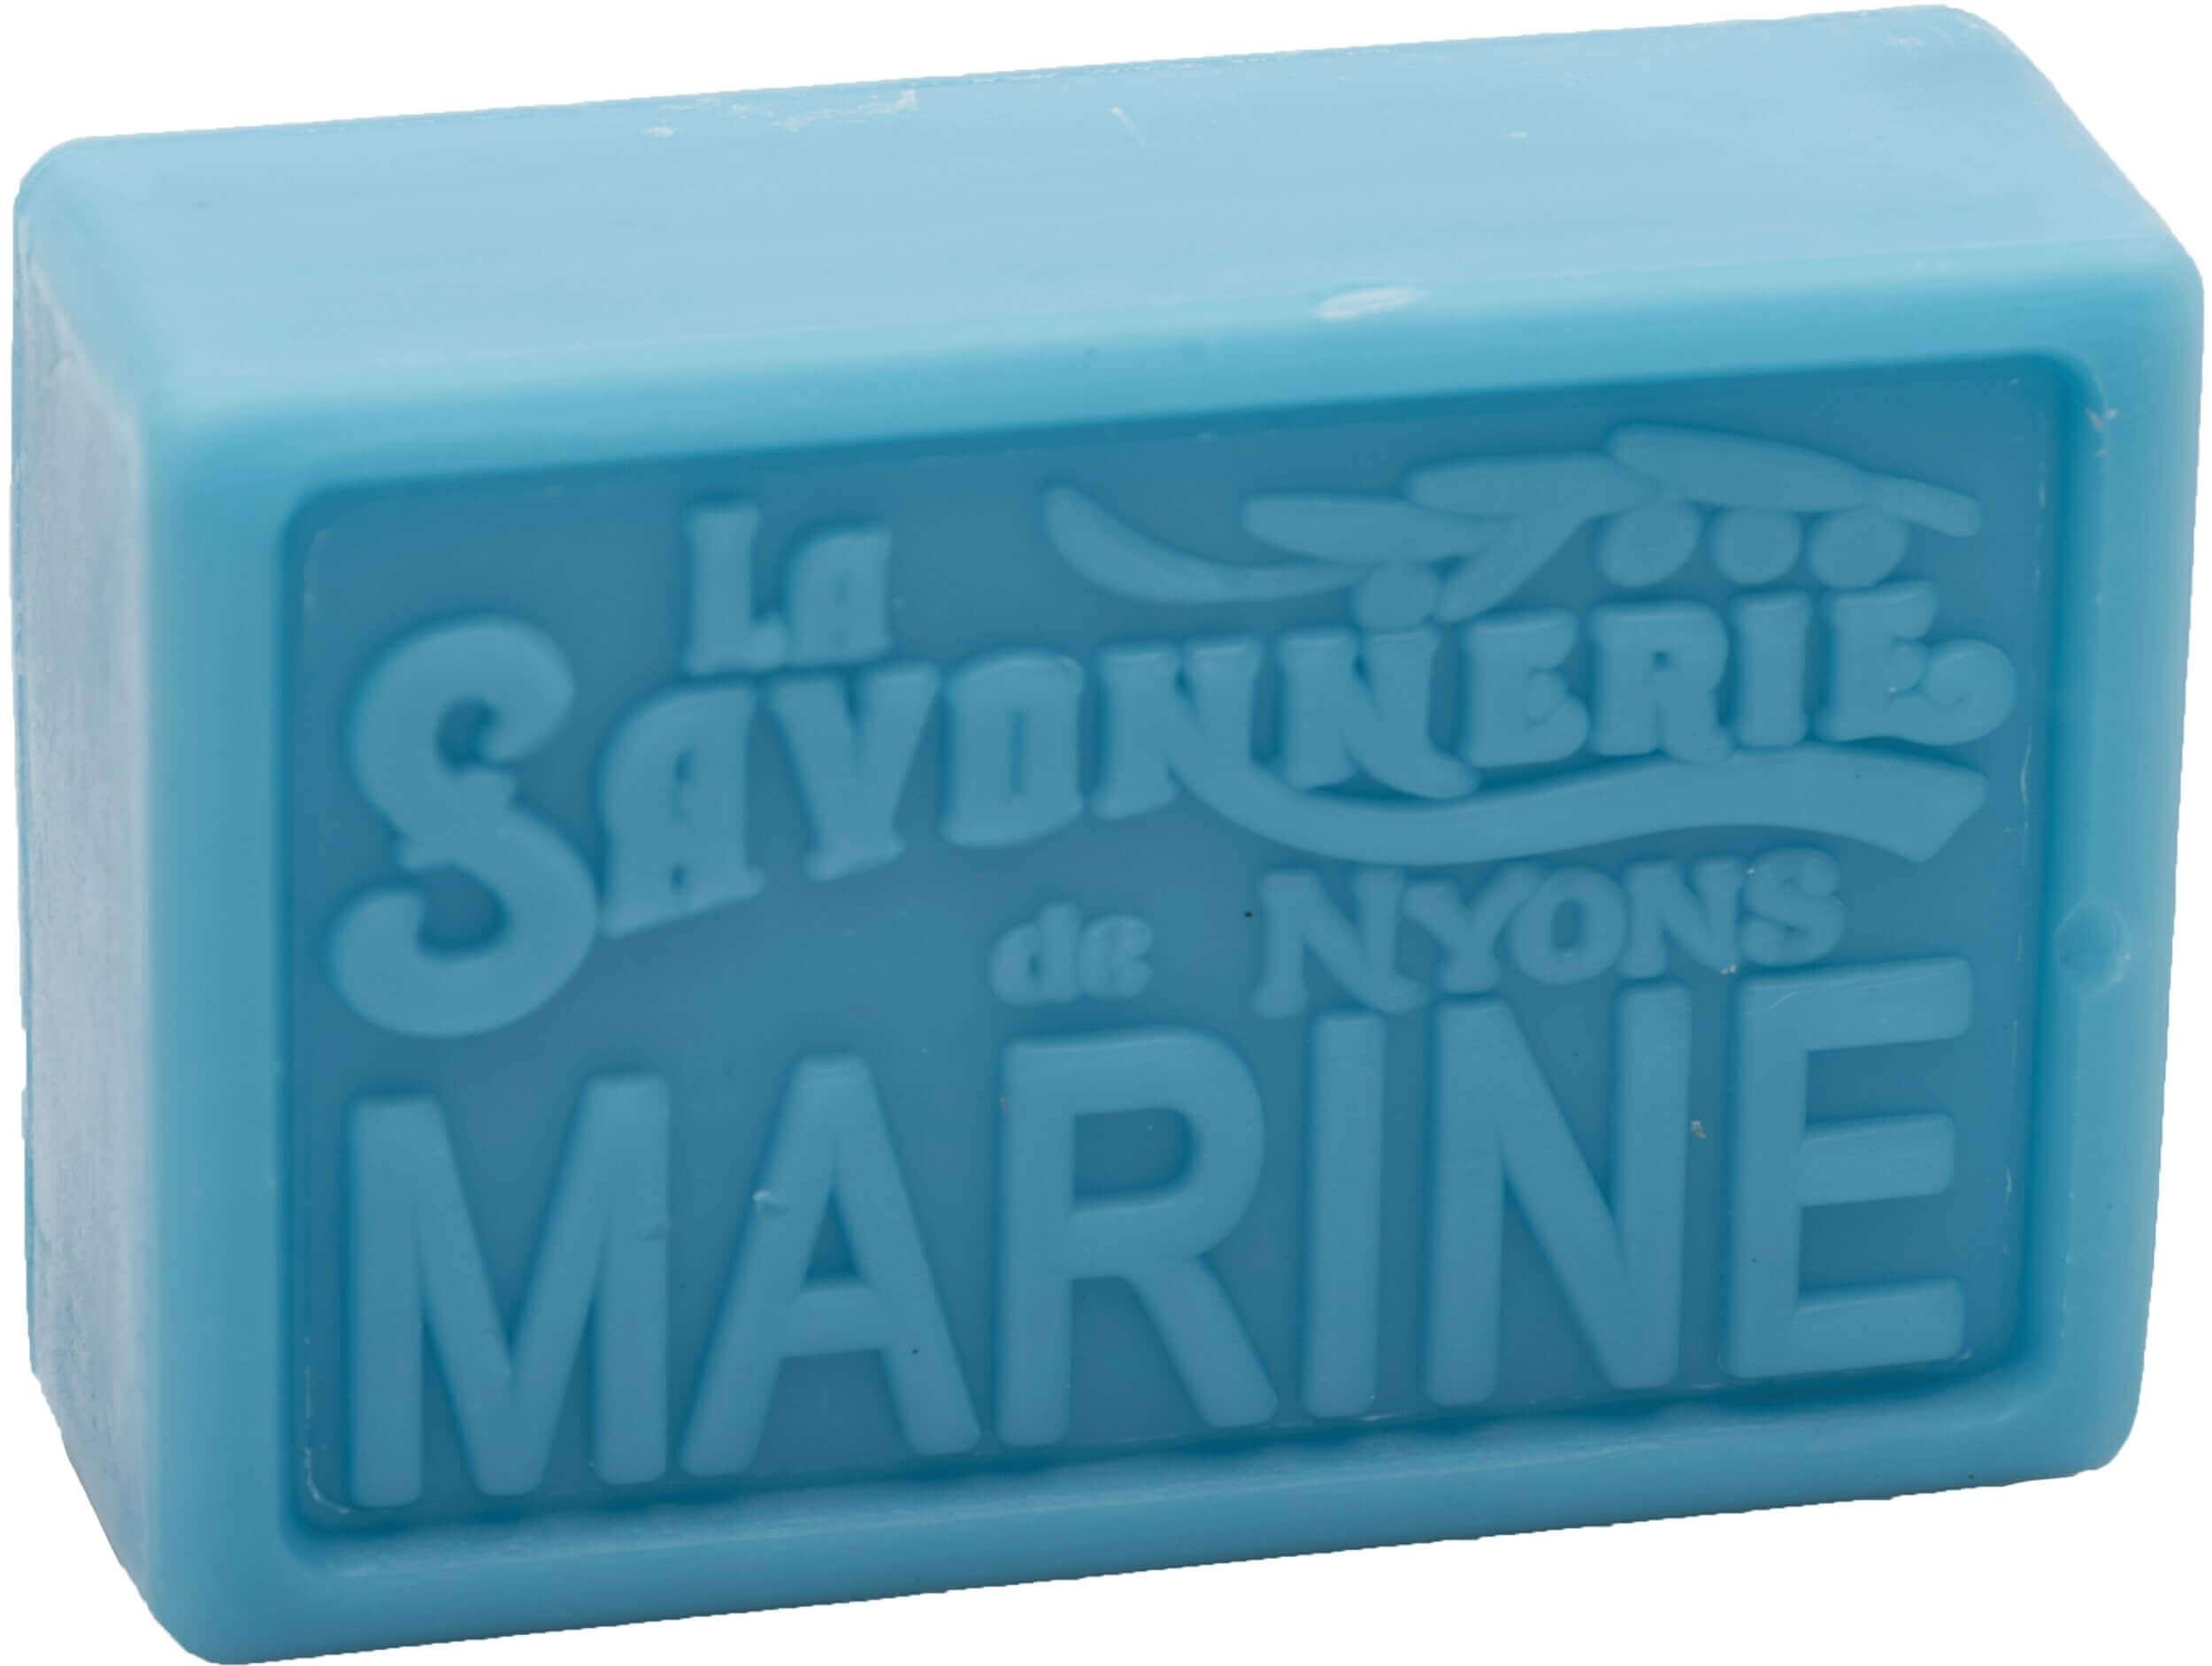 Seifen 100g - Marine